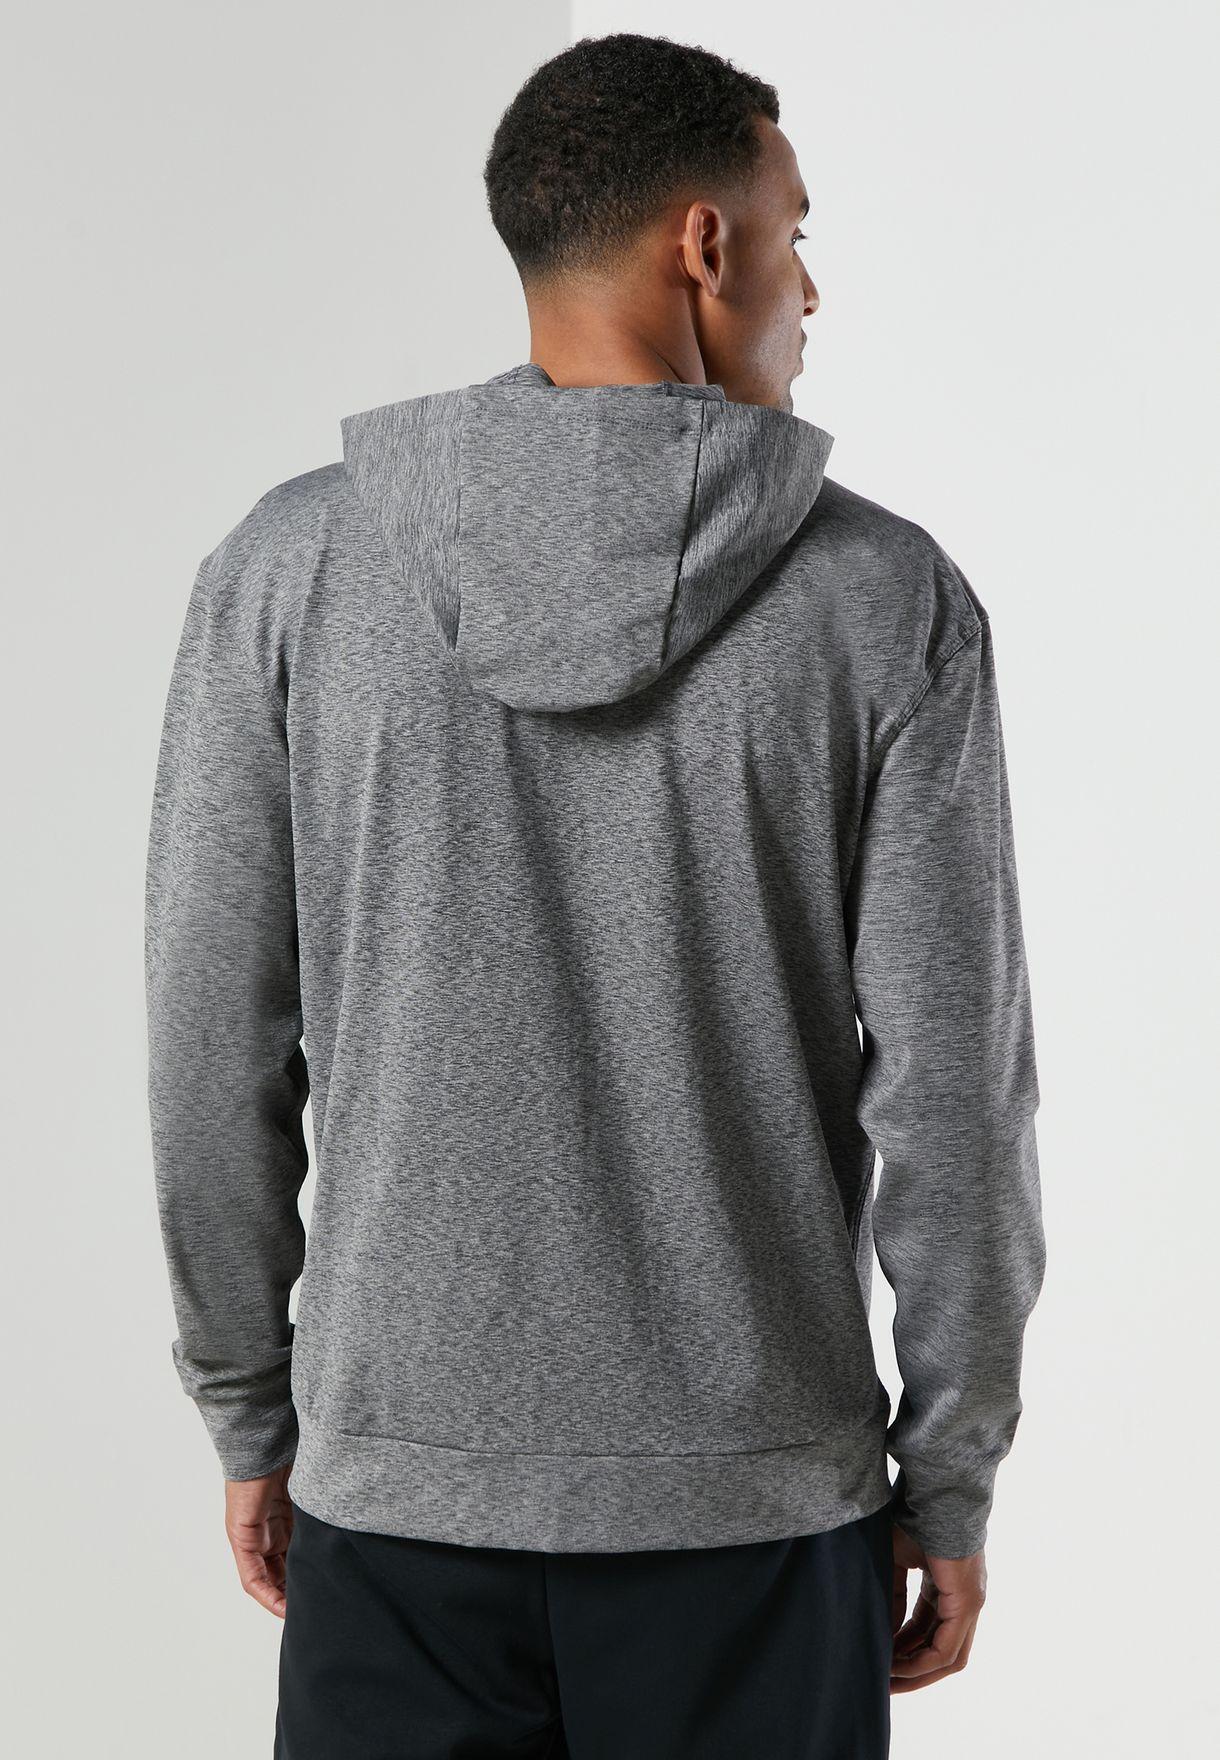 Dri-FIT Hyper Dry Hoodie